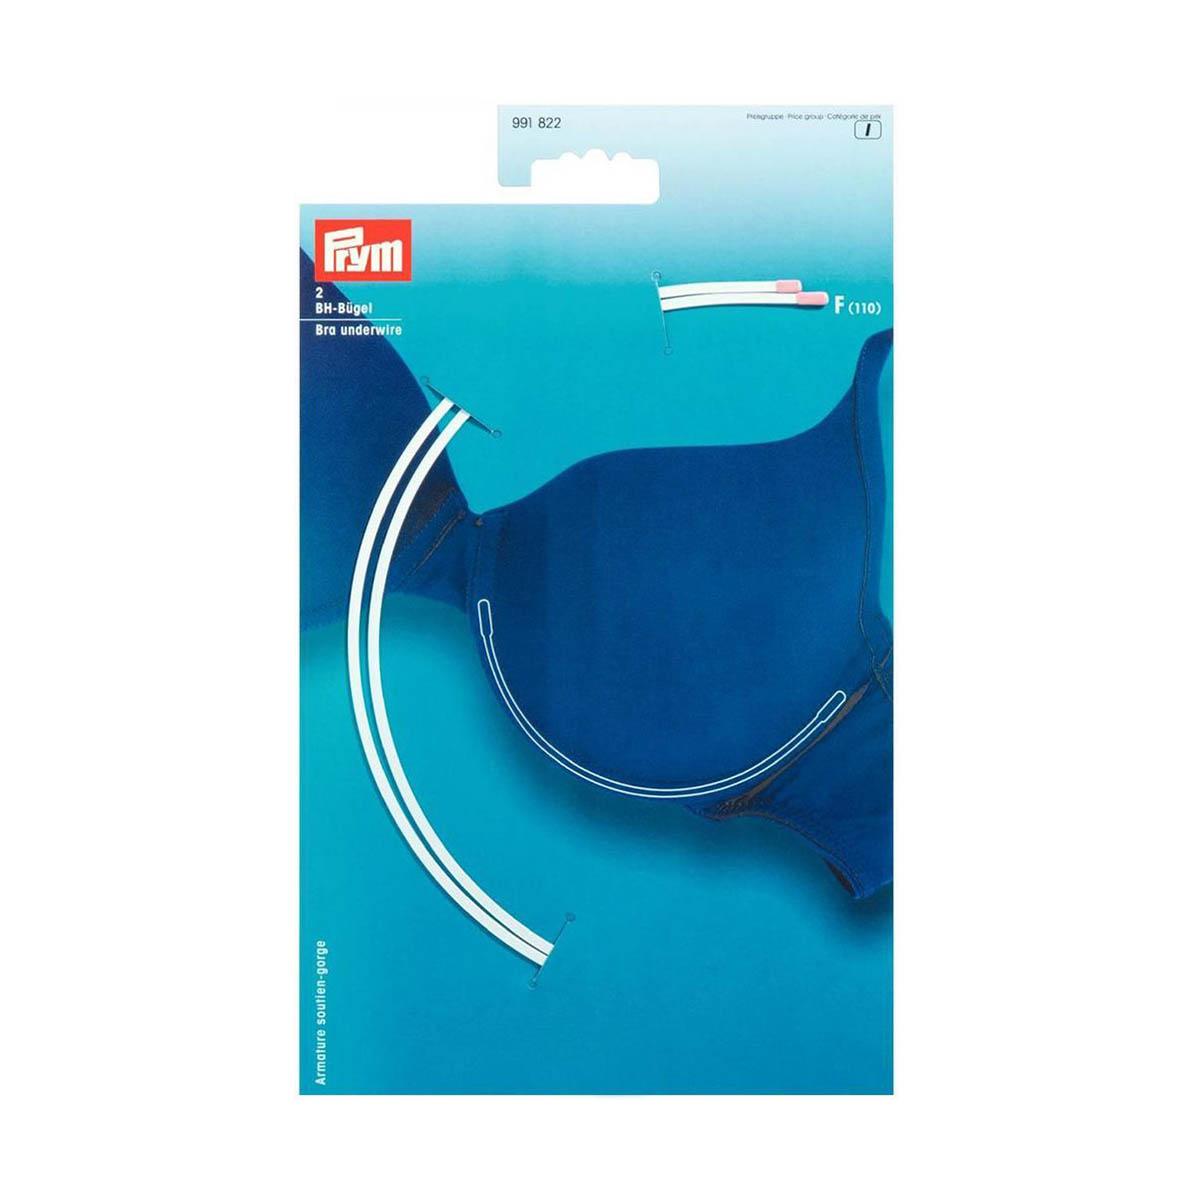 991822 Косточки для бюстгальтера, размер F (110), белый, упак./2 шт., Prym